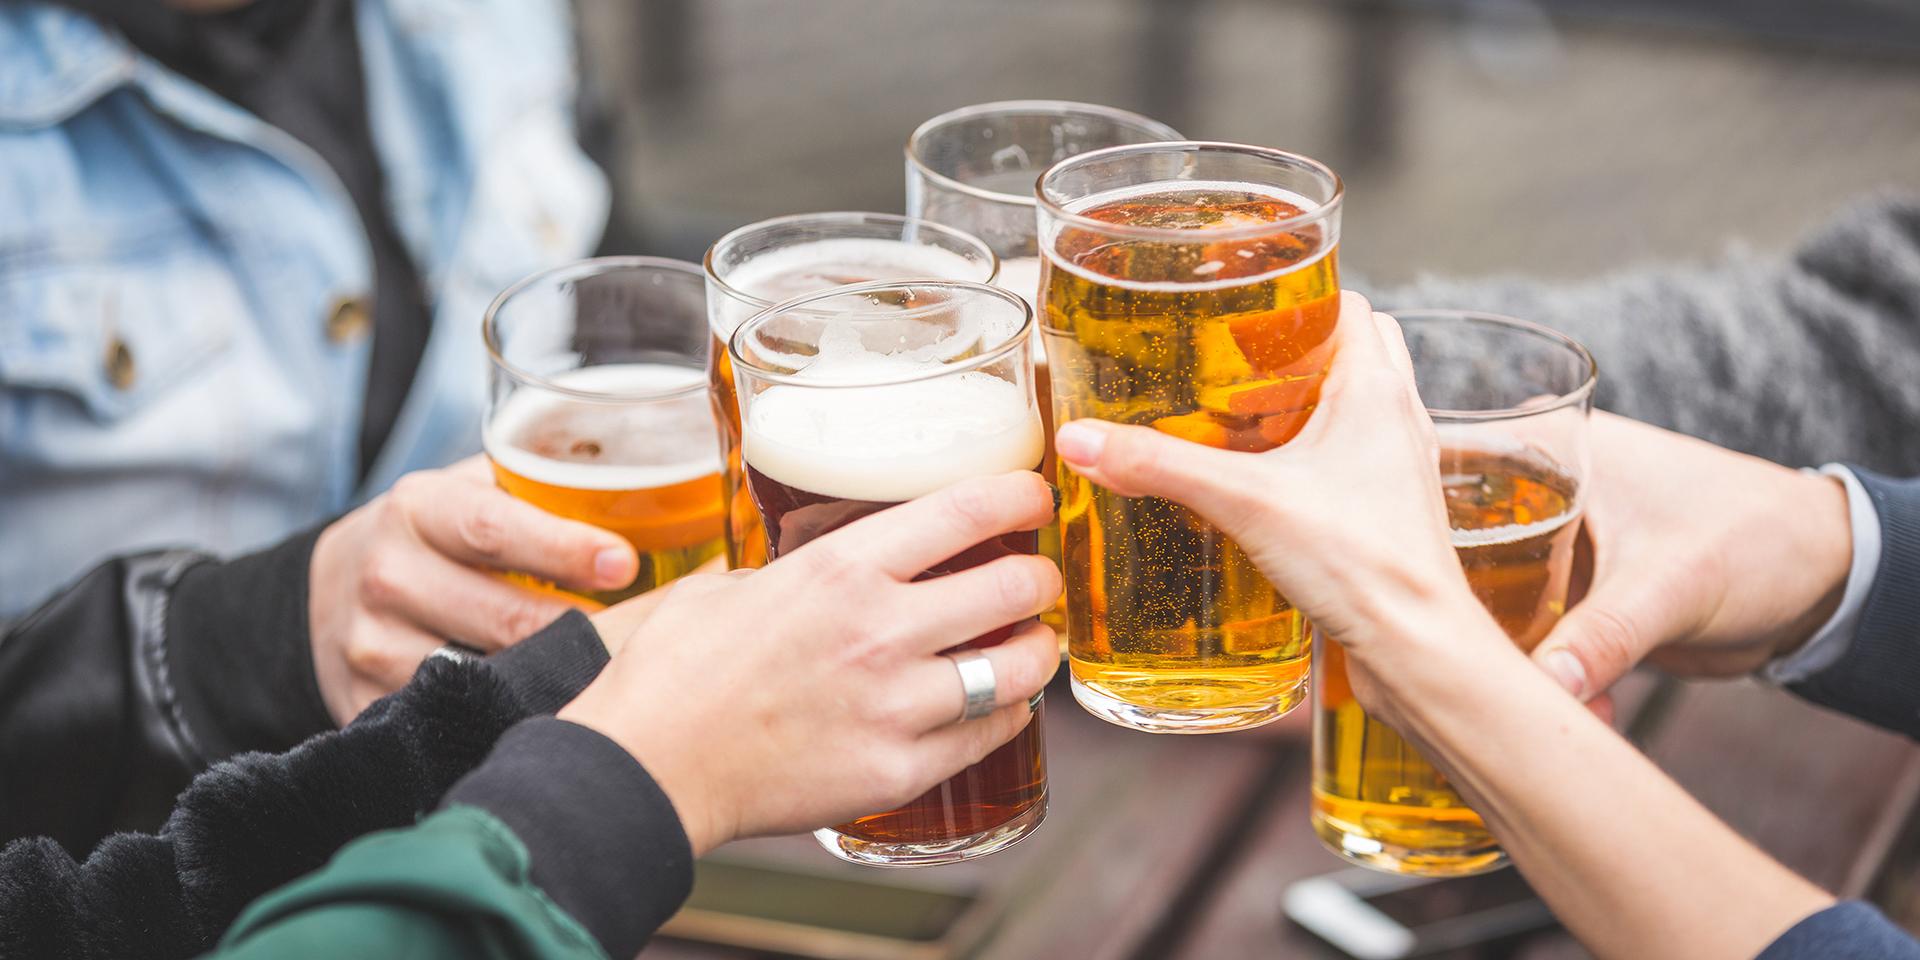 http://mountaineerstaphouse.com/wp-content/uploads/2018/01/beer-Cheers1.jpg